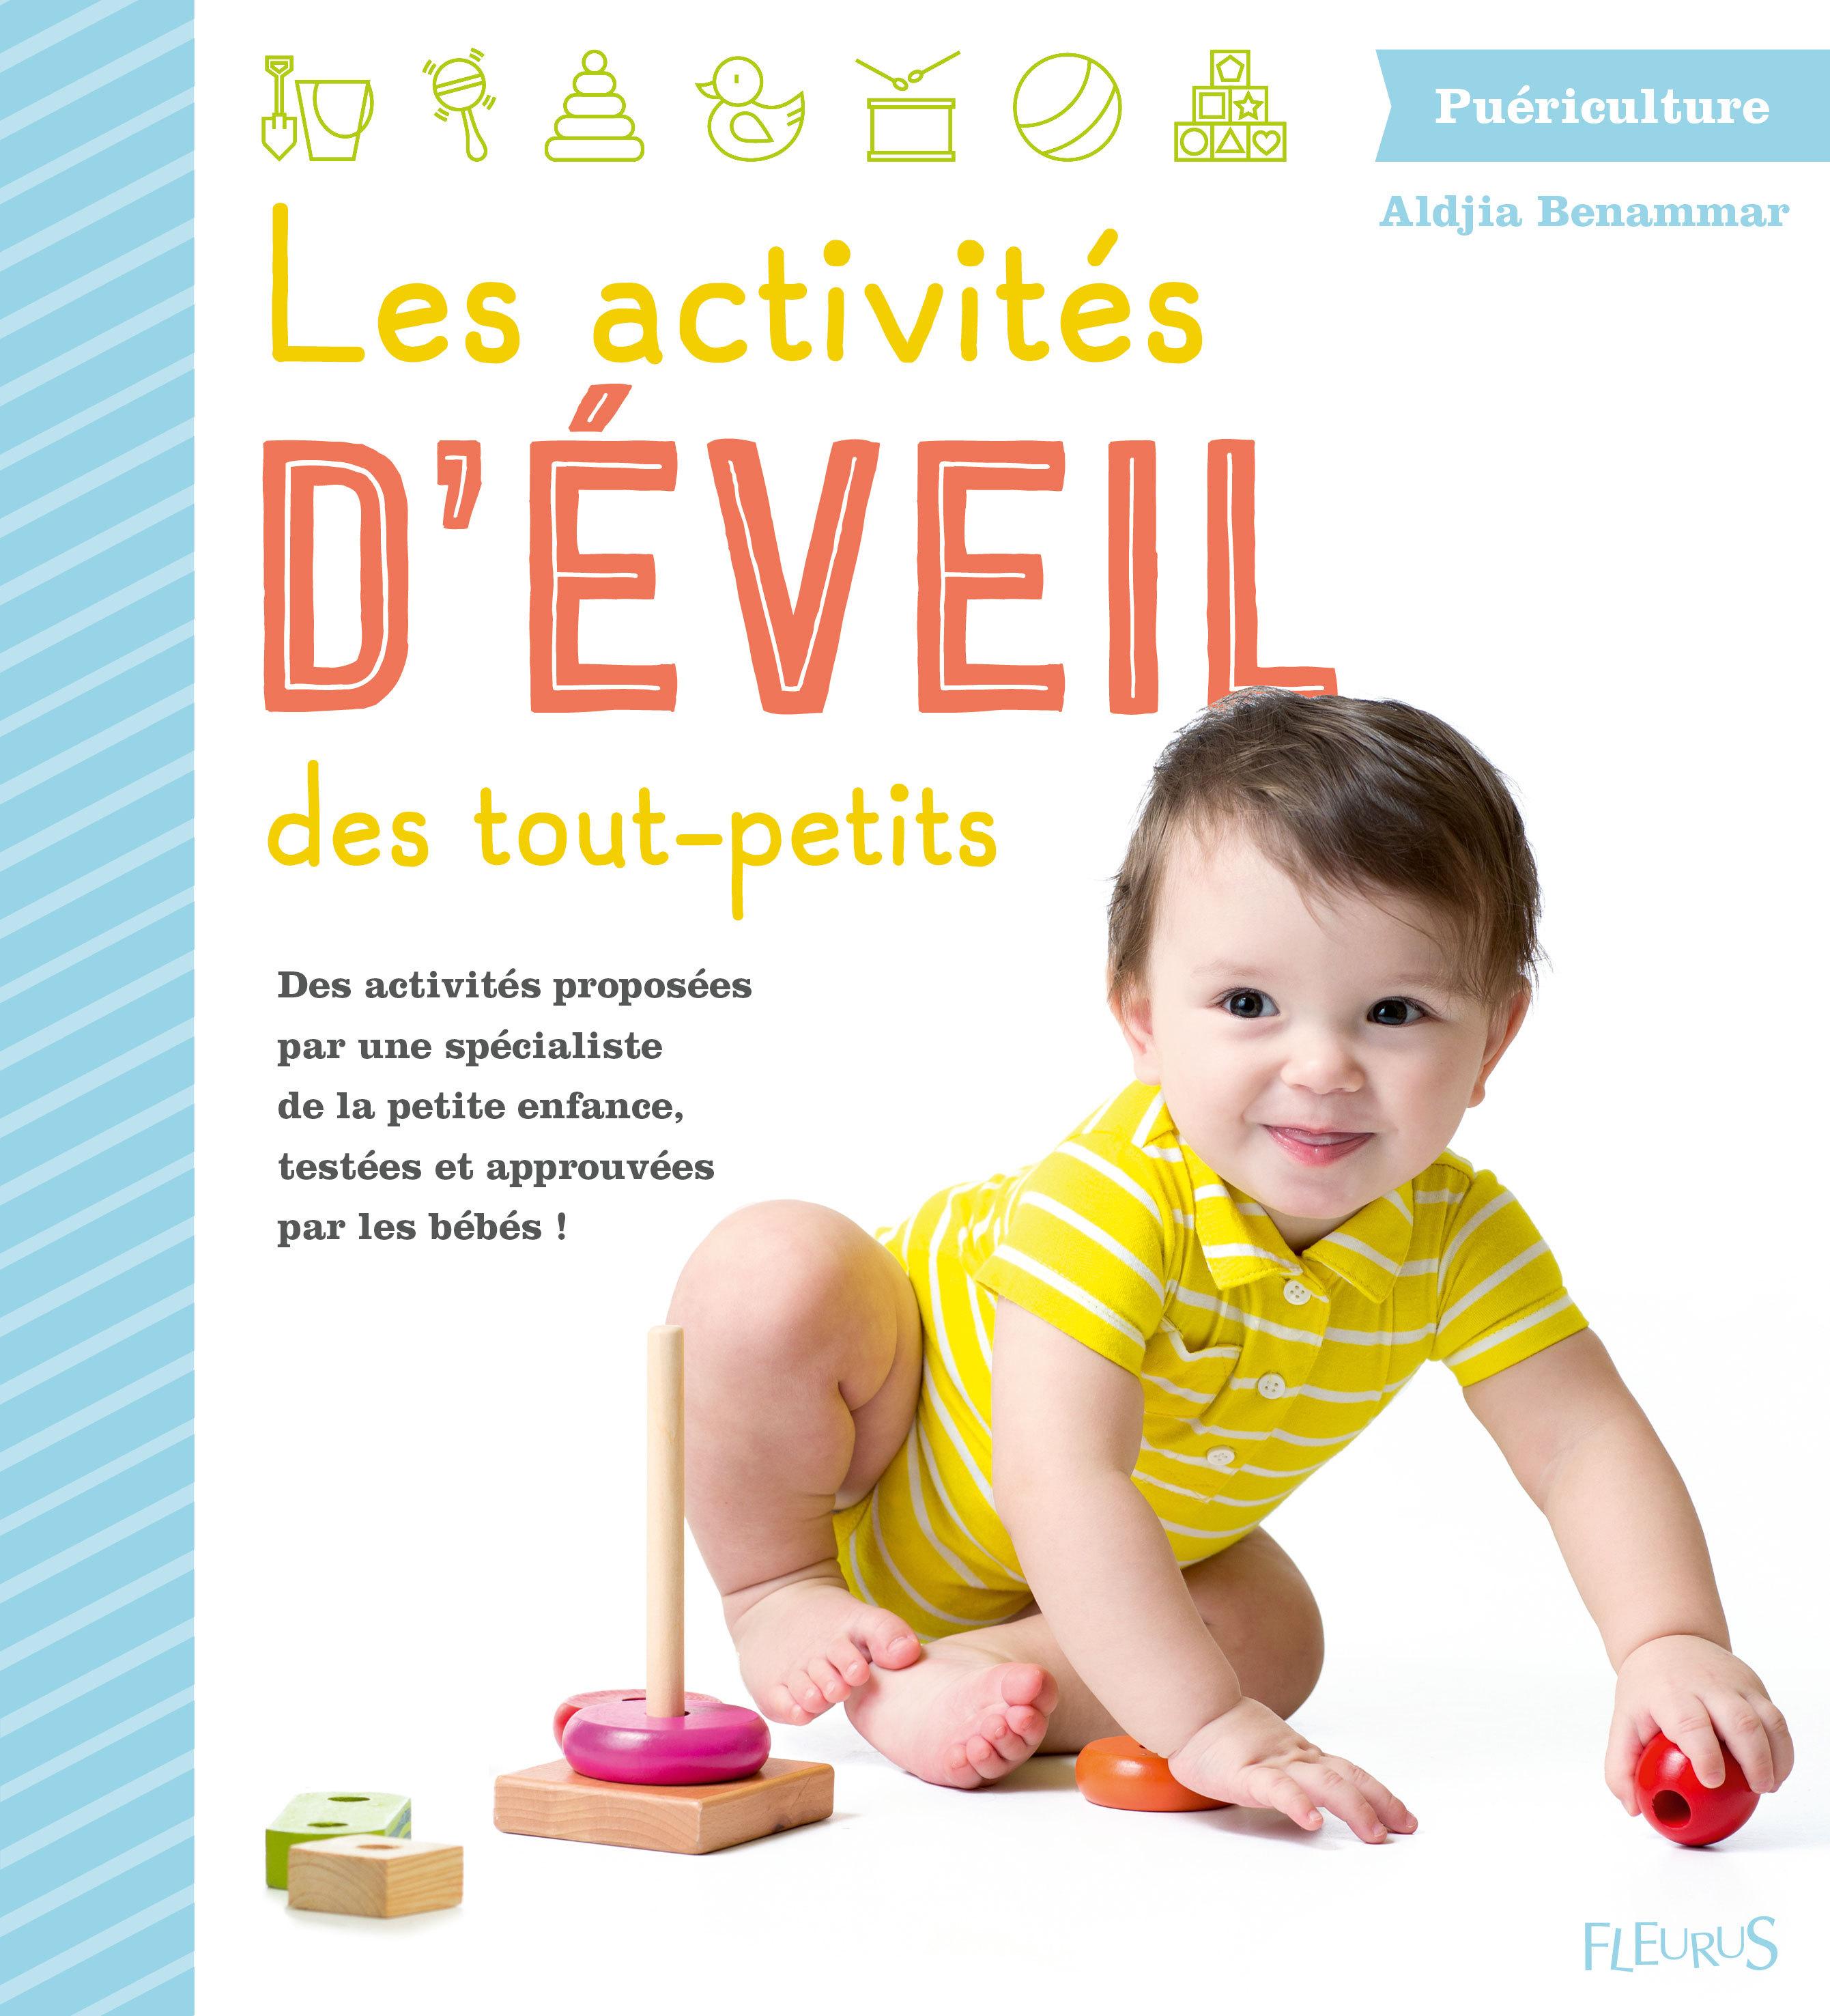 LES ACTIVITES D'EVEIL DES TOUT-PETITS